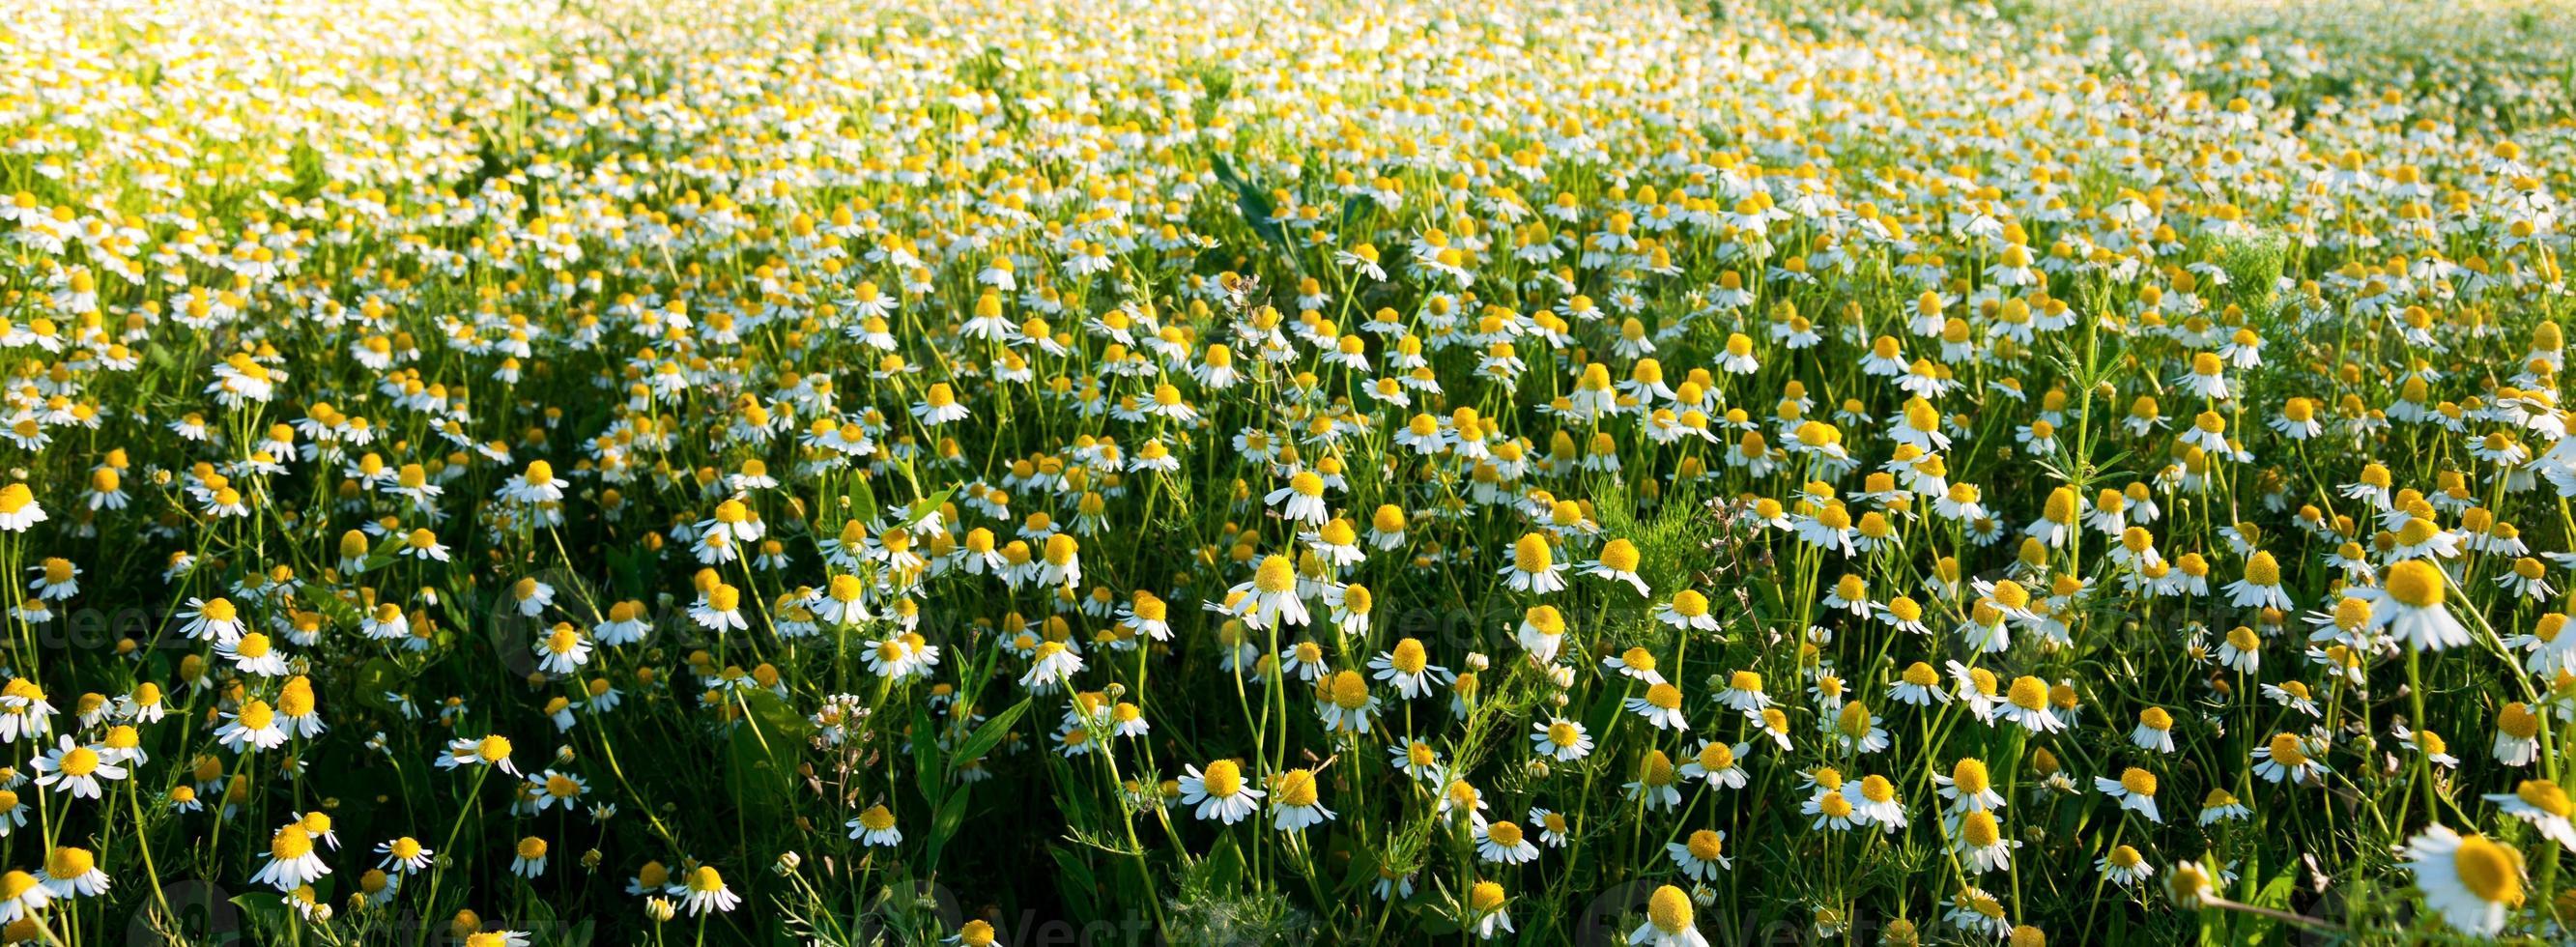 champ de fleurs de camomille. texture fleur photo